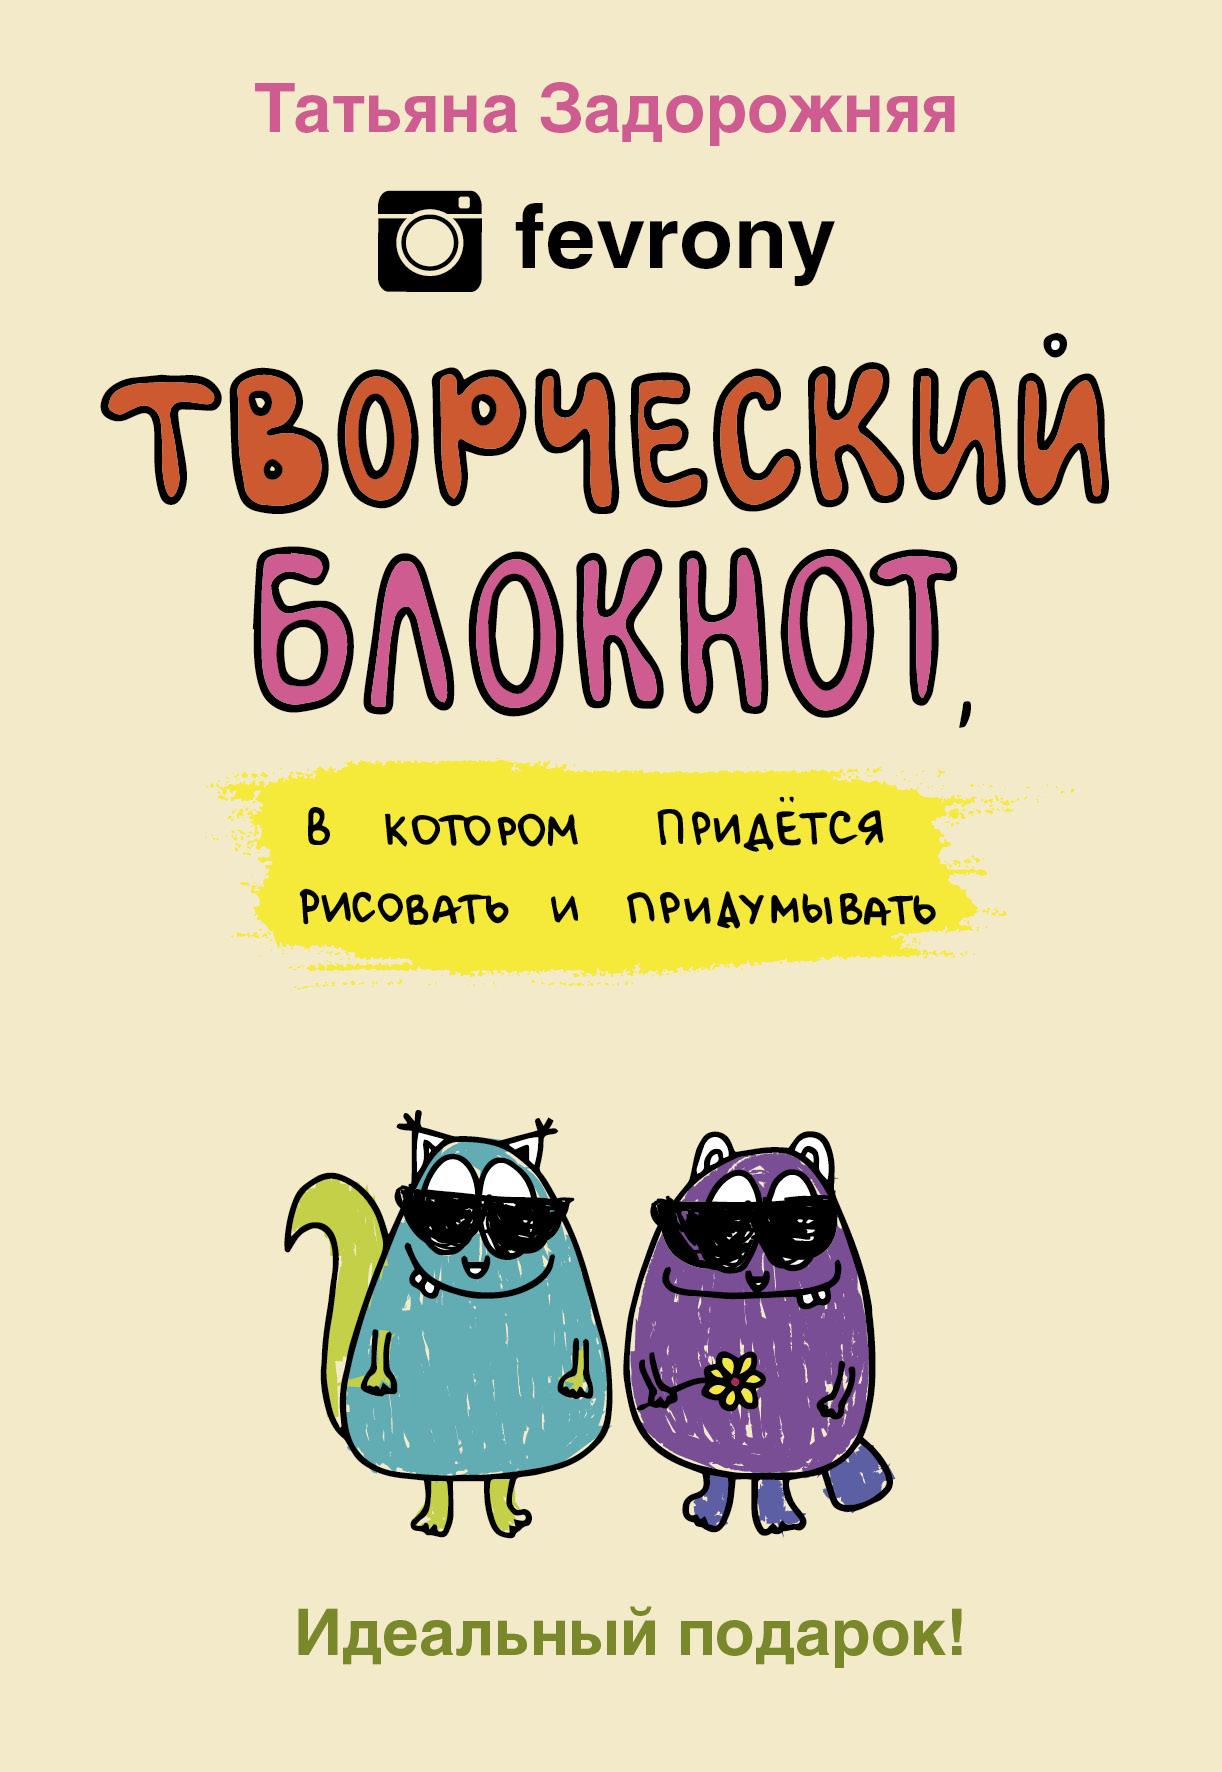 Татьяна Задорожняя (fevrony) Творческий блокнот, в котором придется рисовать и придумывать книги эксмо аниморфозы творческий блокнот